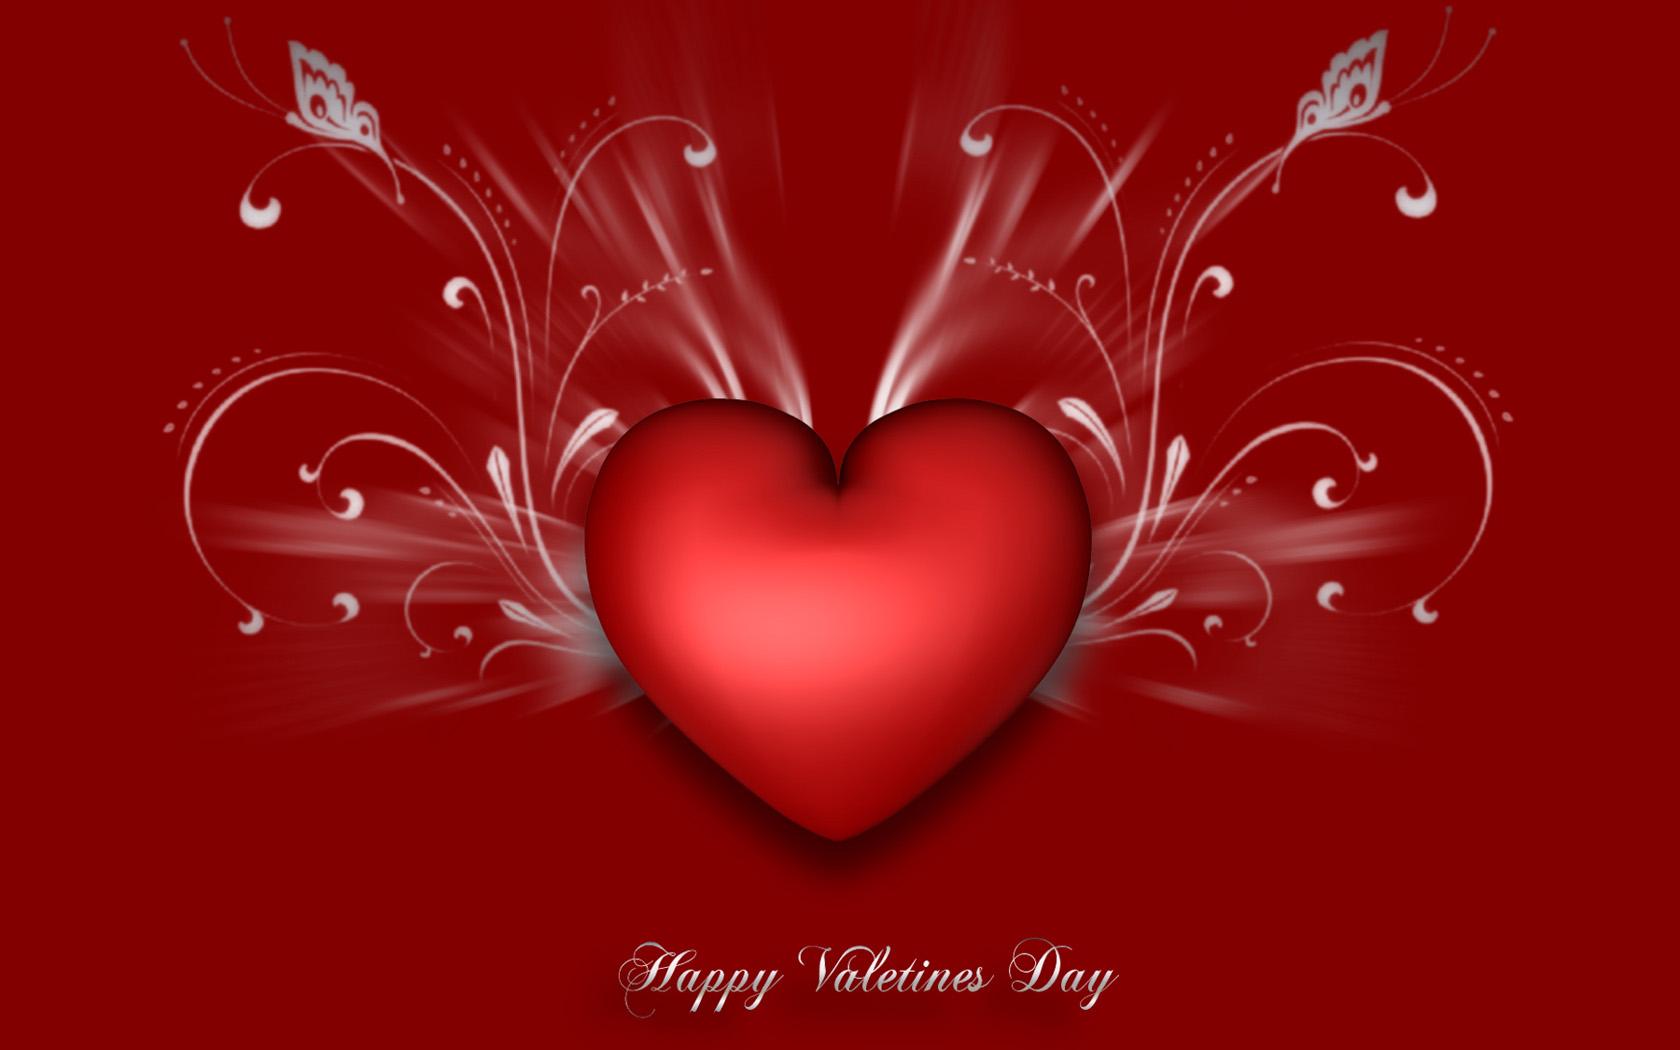 Kata-kata Ucapan Valentine Terbaru 2014